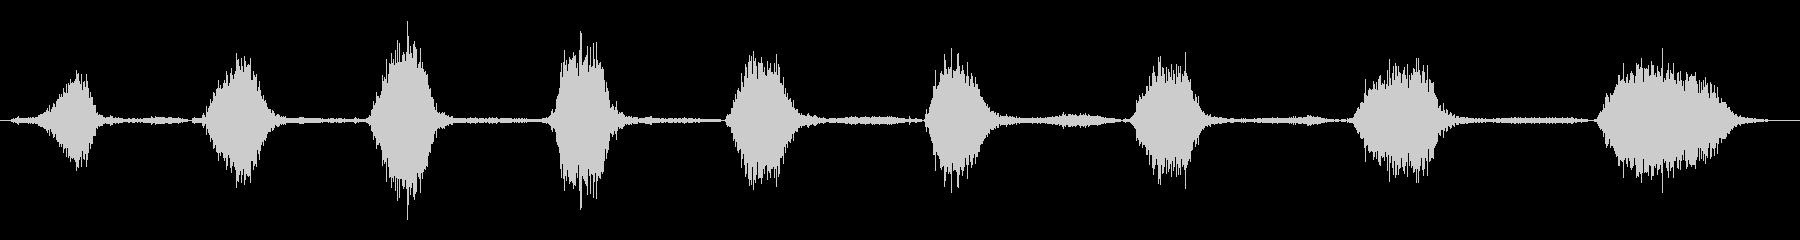 口でゴム風船を爆破:すばやく、コミ...の未再生の波形